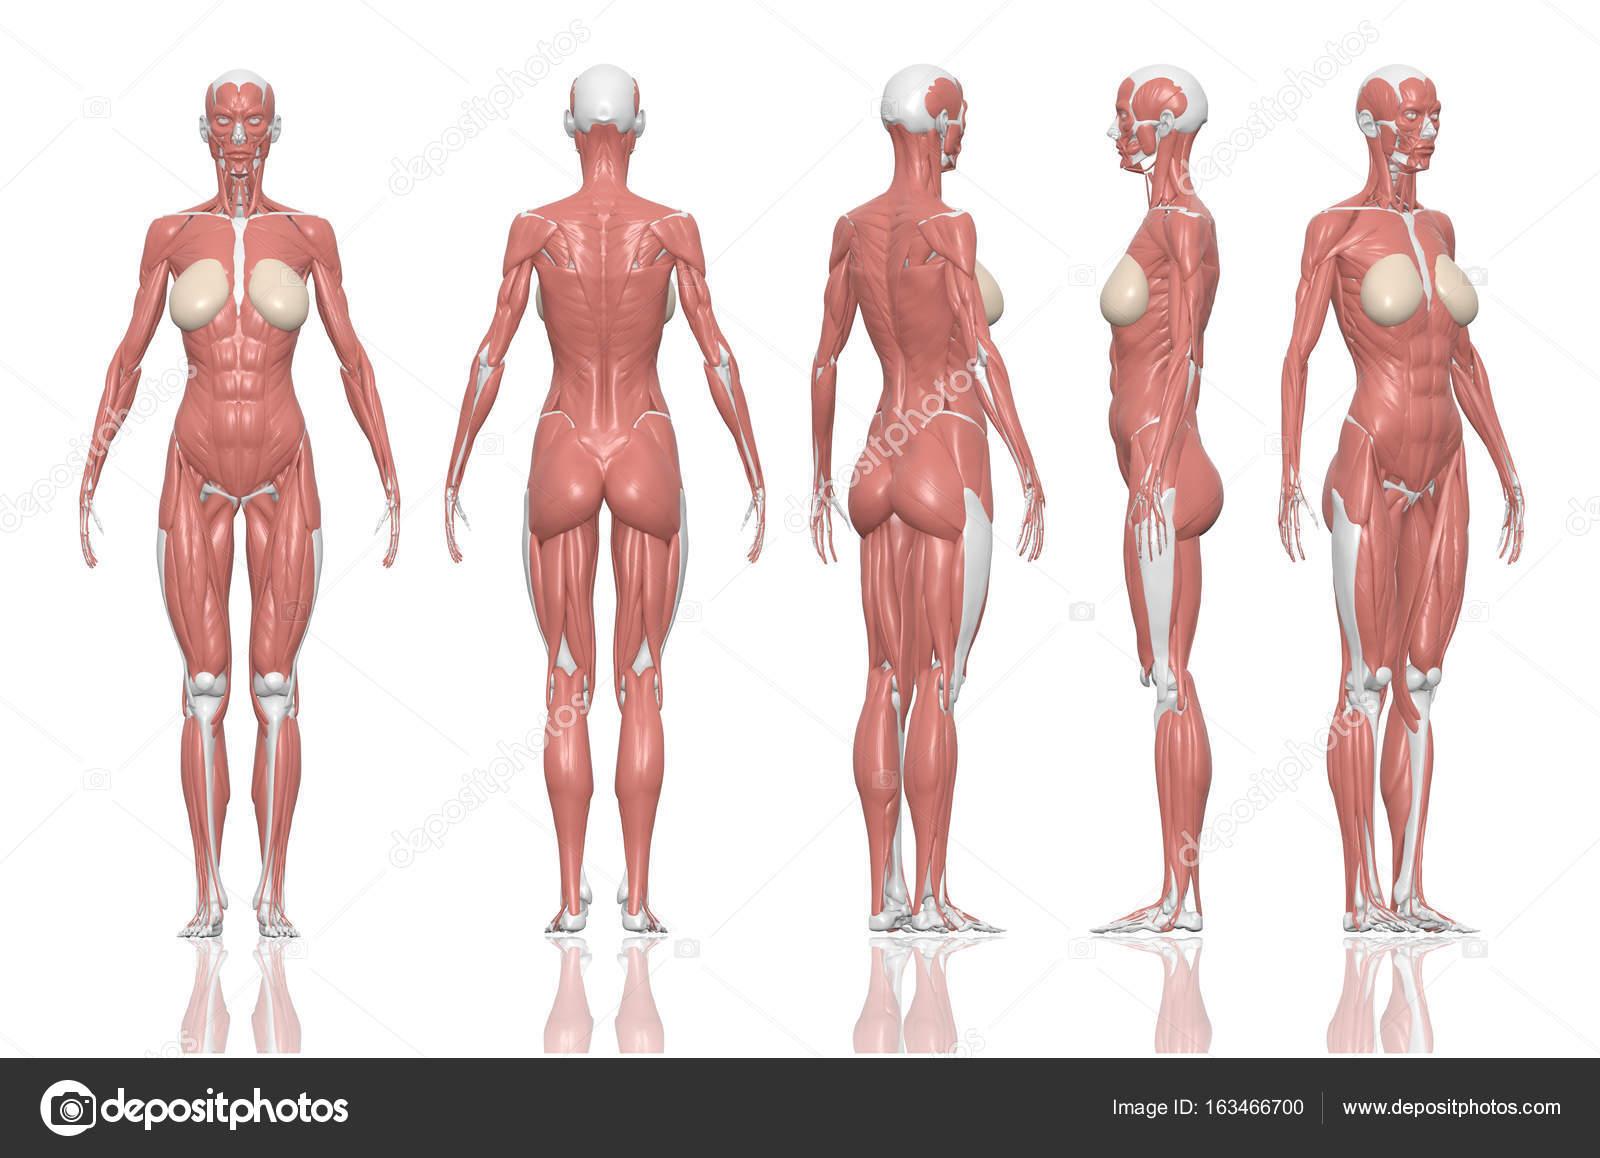 Großzügig Echte 3d Anatomie Galerie - Menschliche Anatomie Bilder ...